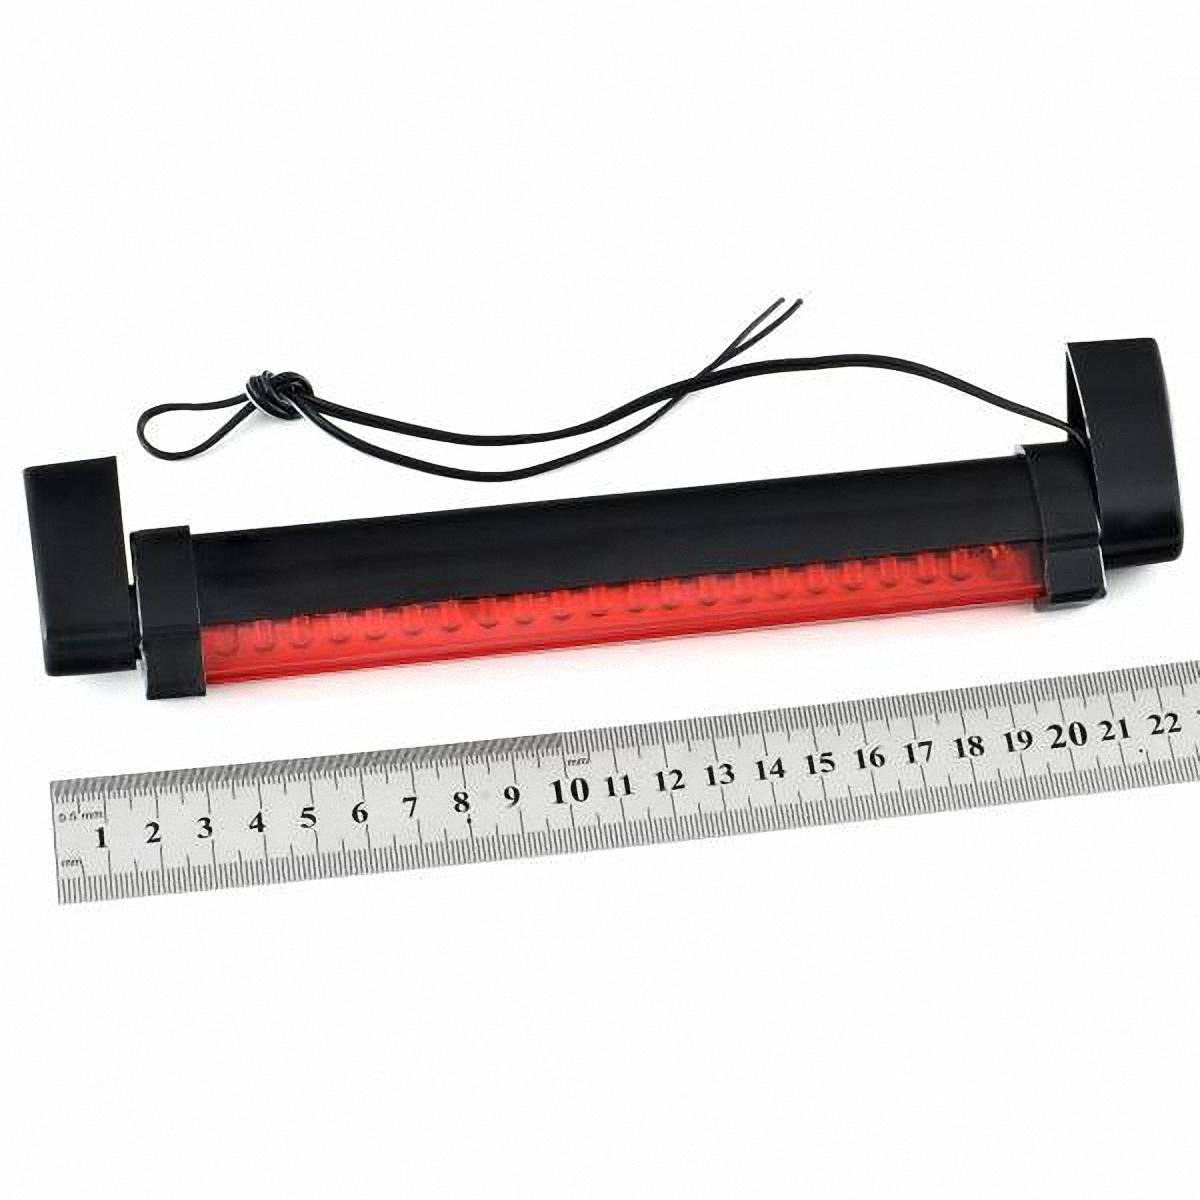 Стоп-сигнал дополнительный Skyway, 24 светодиодаSTB-24LEDBДополнительный светодиодный стоп-сигнал устанавливается в штатное место крышки багажника. Он дублирует основные стоп-сигналы, что положительно сказывается на безопасности движения. Корпус затонирован, но при этом не влияет на светотехнические характеристики стоп-сигнала. В отличие от обычных ламп накаливания, светодиоды служат в несколько раз дольше, кроме того обеспечивая более высокую яркость свечения. Установка не требует специальных навыков и может быть осуществлена своими силами. Преимущества: -простота установки -повышение активной безопасности движения -продолжительный срок службы Напряжение: 12В.